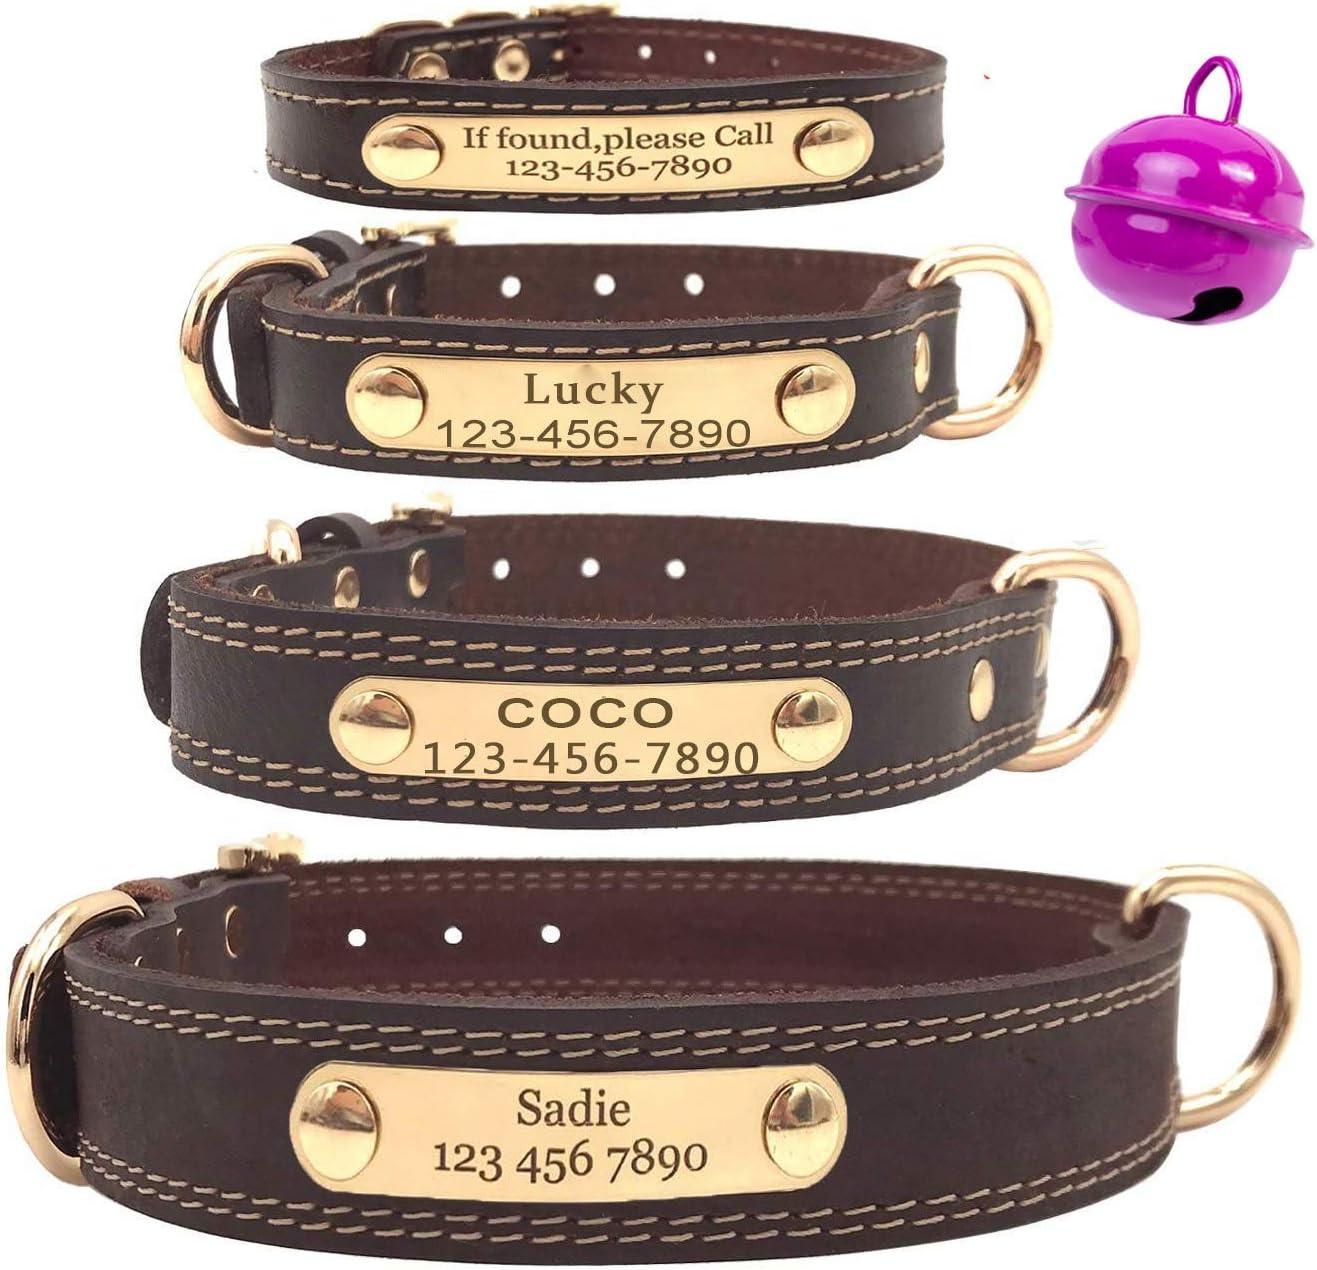 Mihqy Collar de Perro de Cuero Personalizado,Placa de Identificación Grabada con Nombre y número de Teléfono Grabado con láser,Ajustable, Perros pequeños, medianos y Grandes